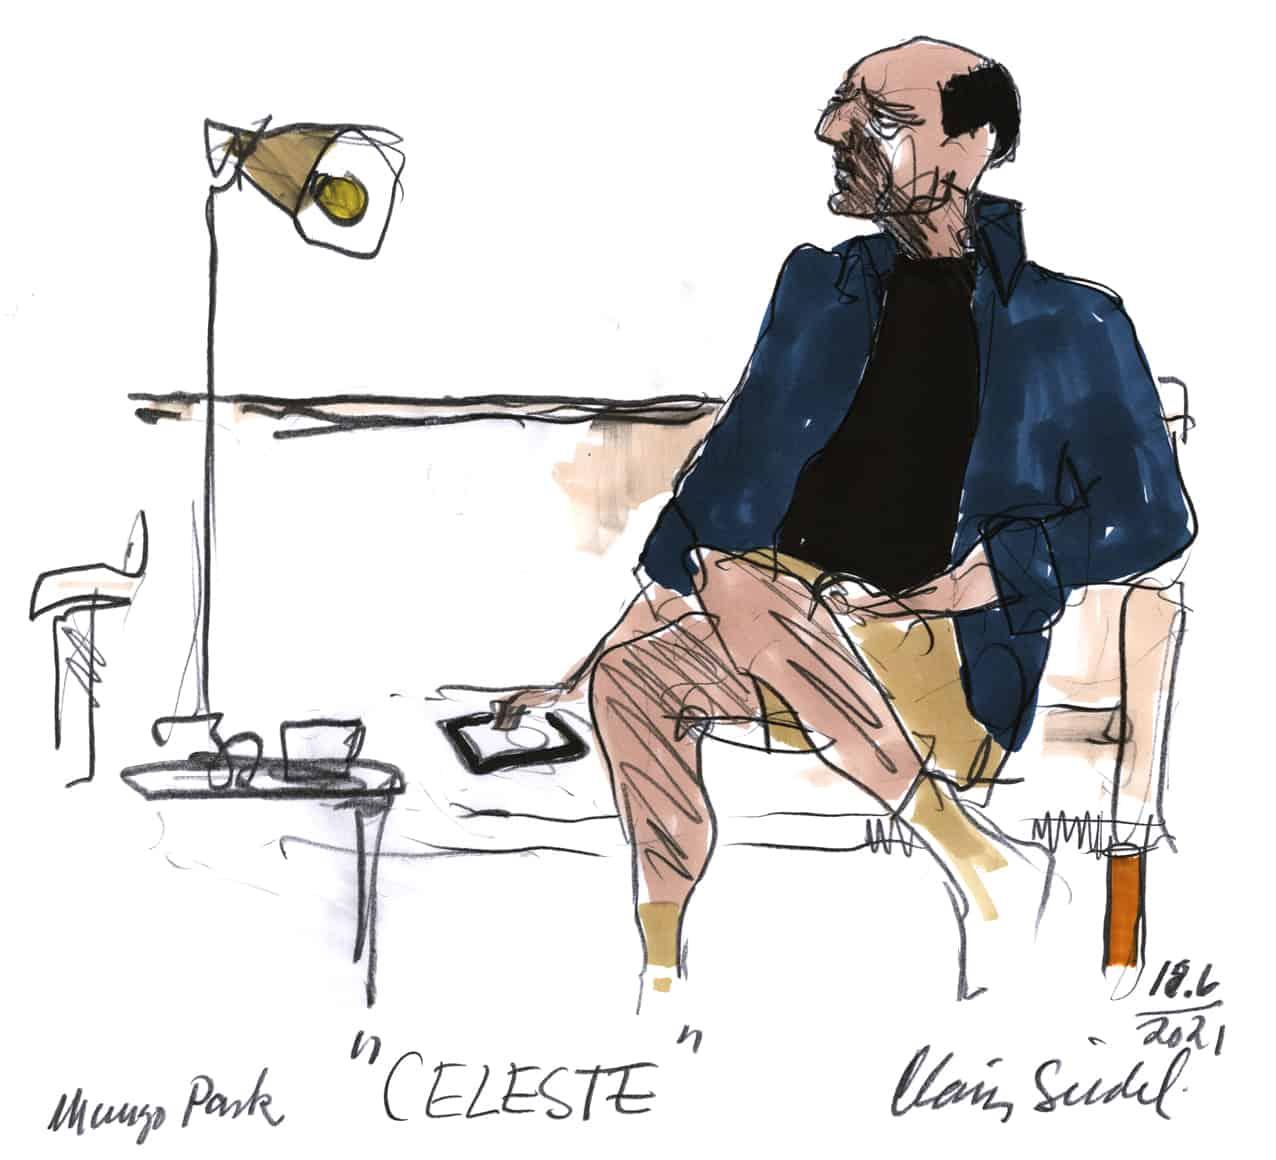 Celeste – en hurtigproduktion på Mungo Park.